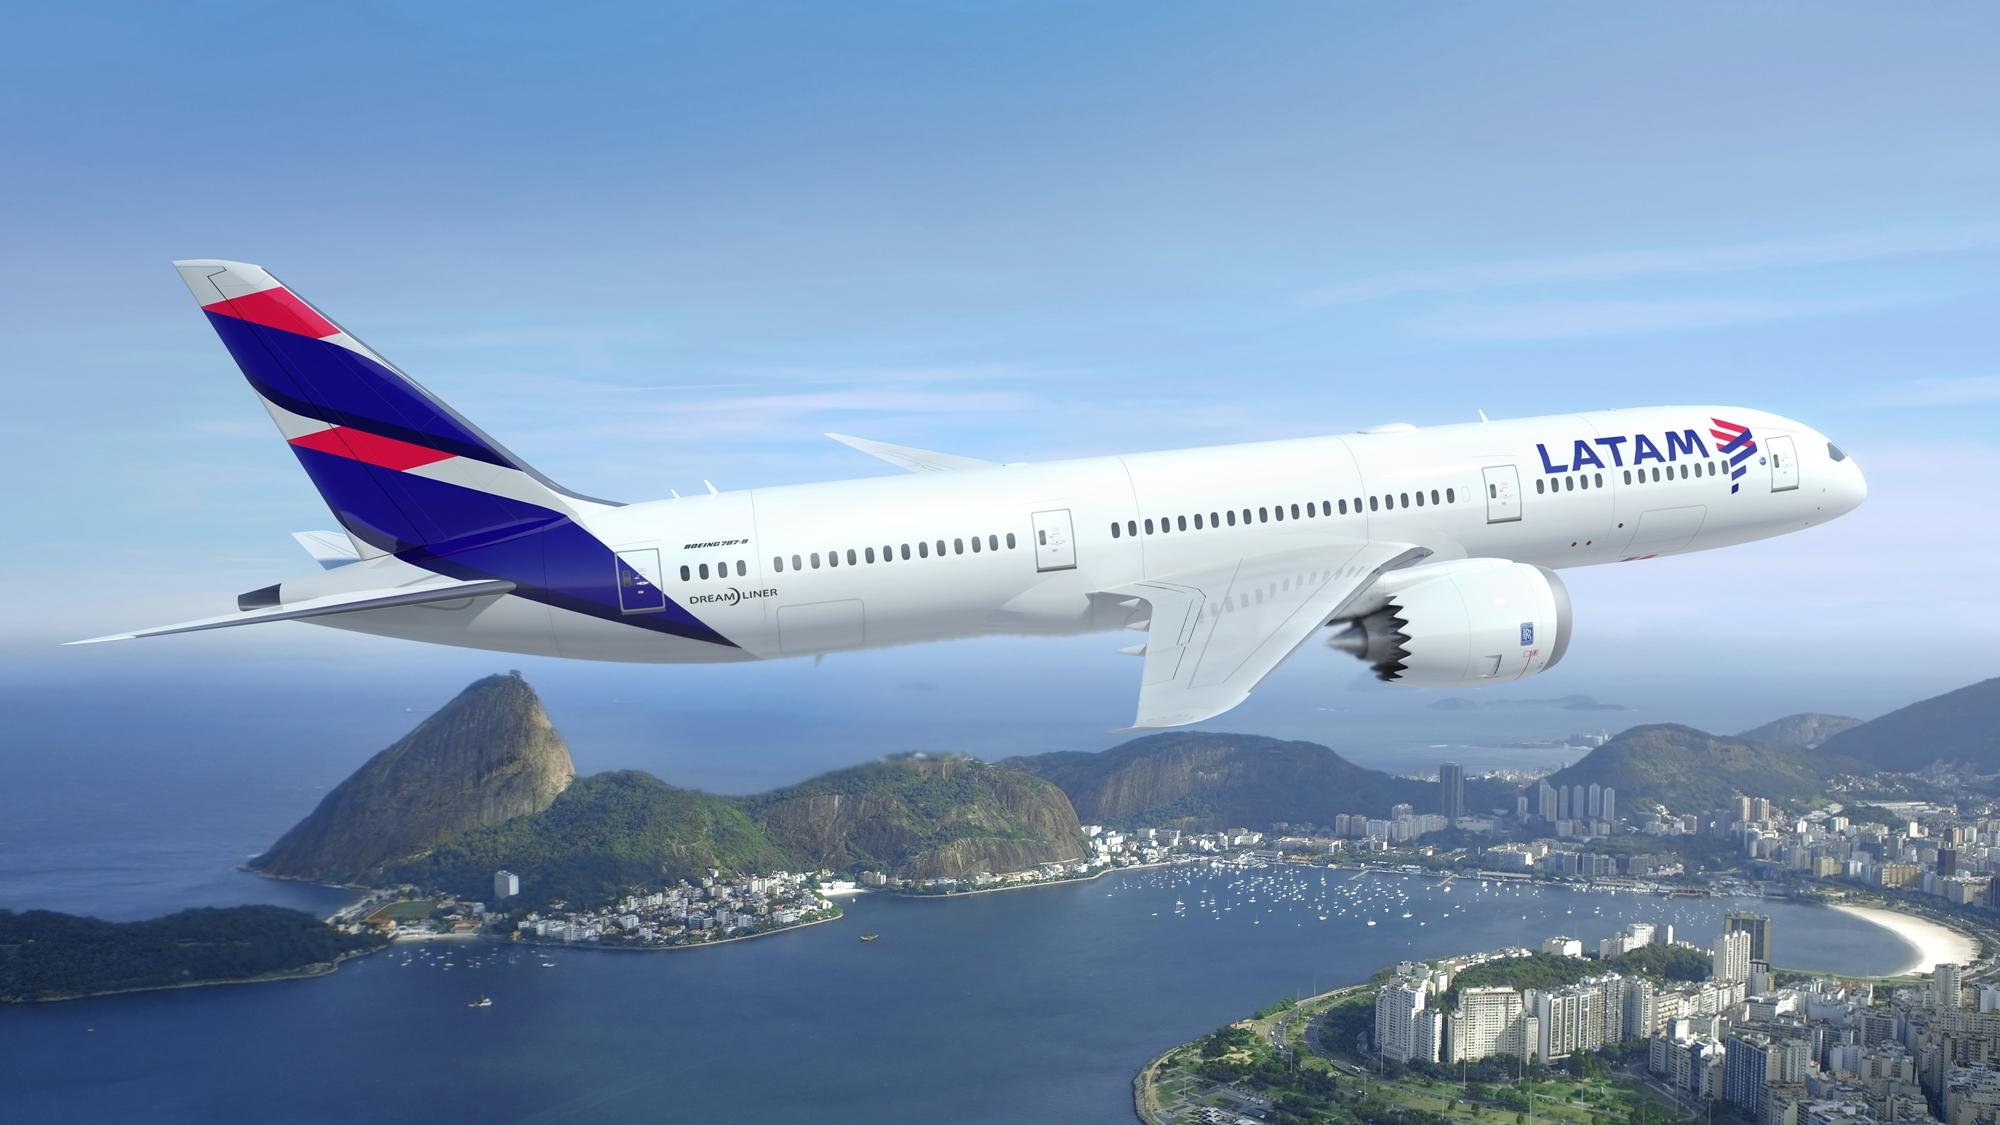 LATAM Airlines invertirá 300 mdd para expandirse en Colombia